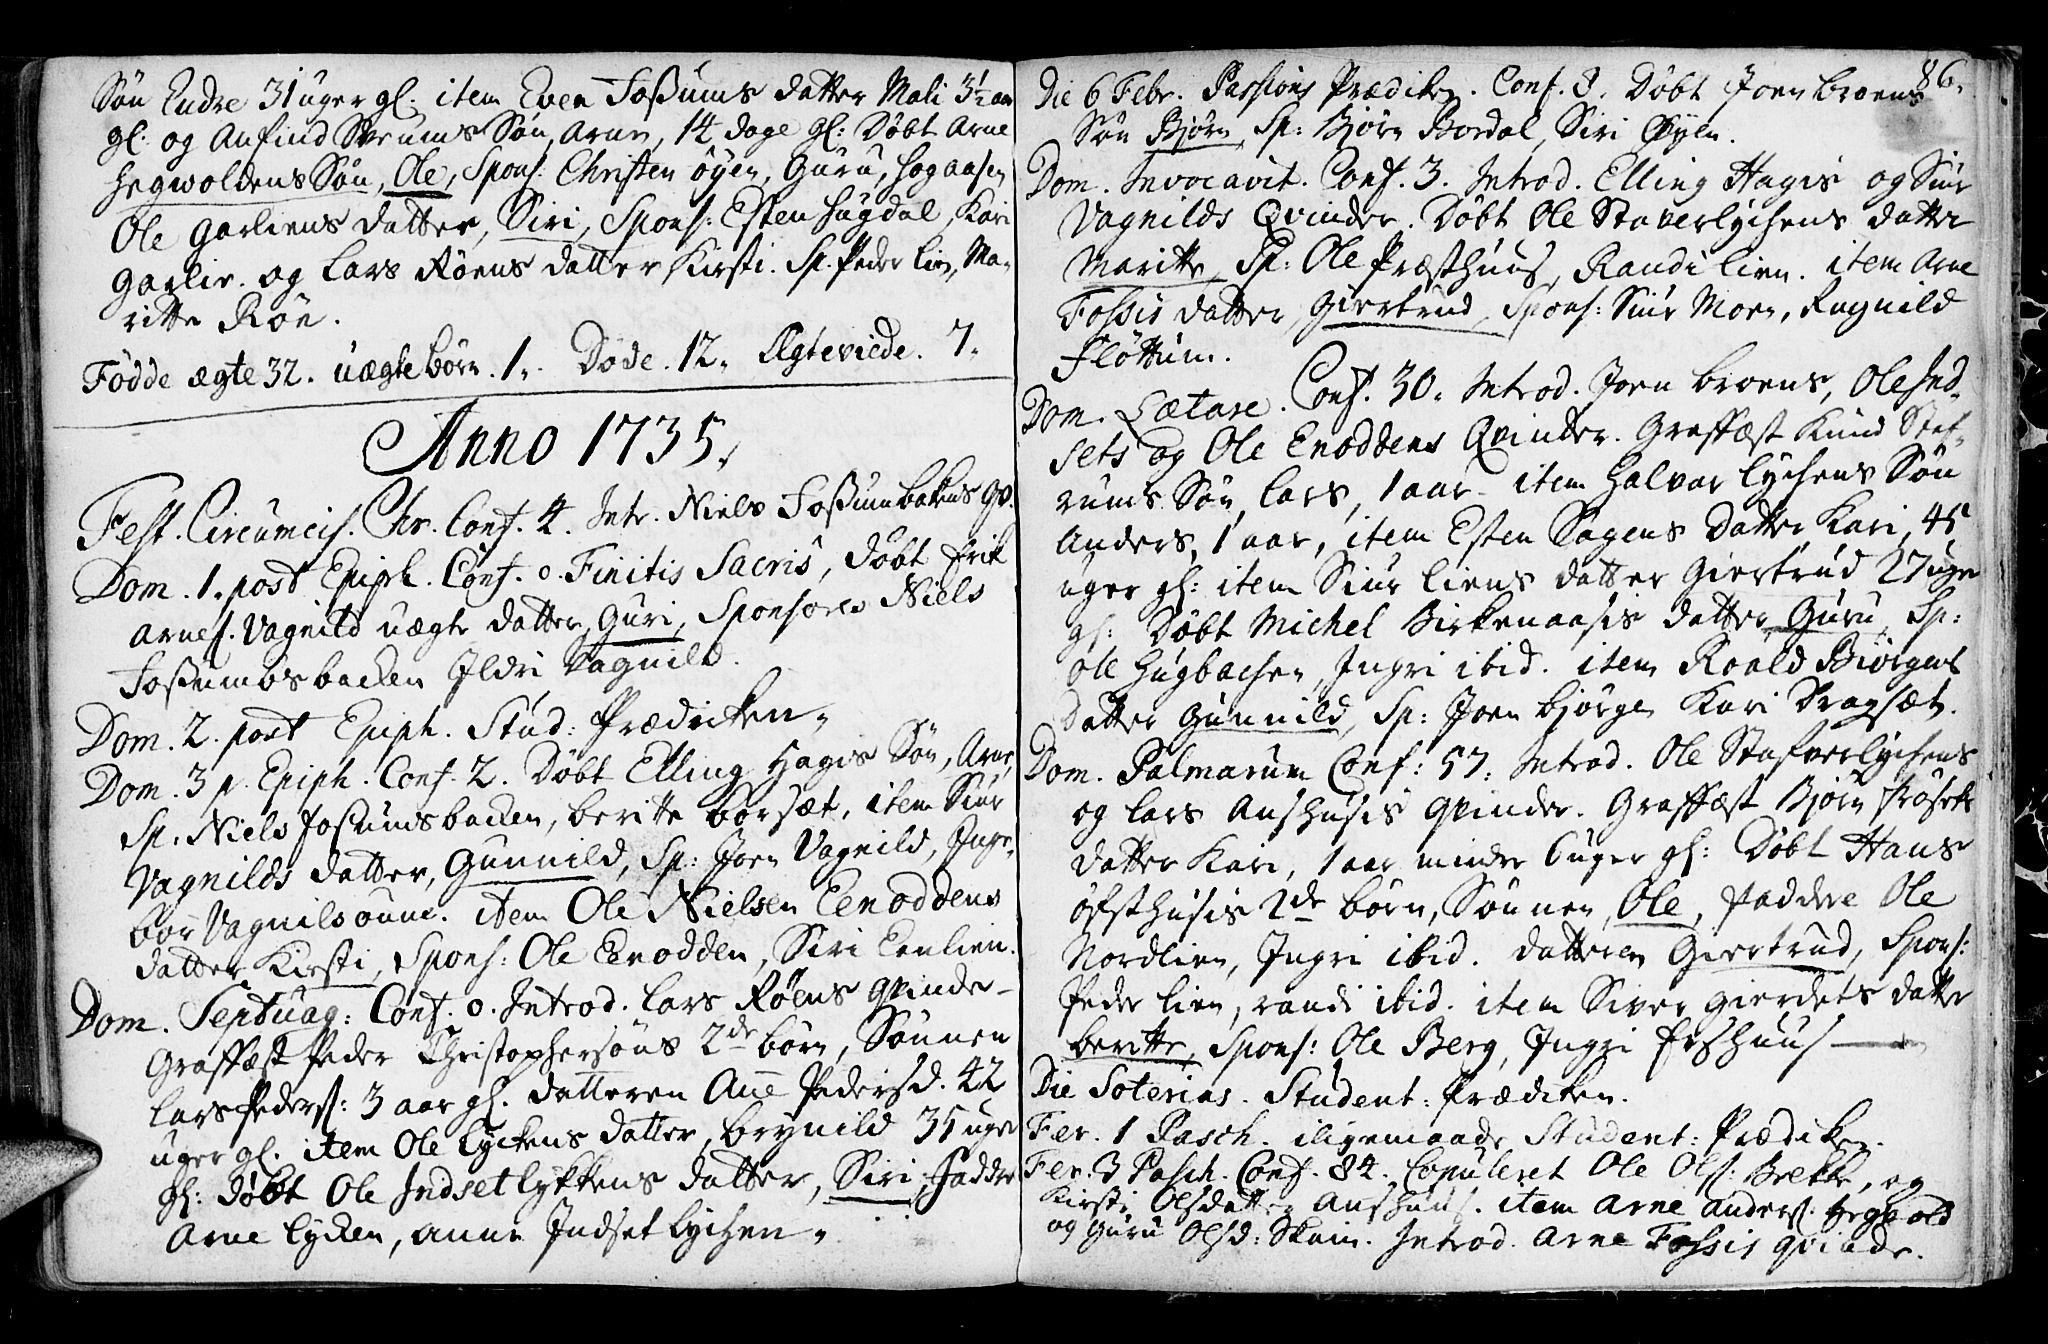 SAT, Ministerialprotokoller, klokkerbøker og fødselsregistre - Sør-Trøndelag, 689/L1036: Ministerialbok nr. 689A01, 1696-1746, s. 86